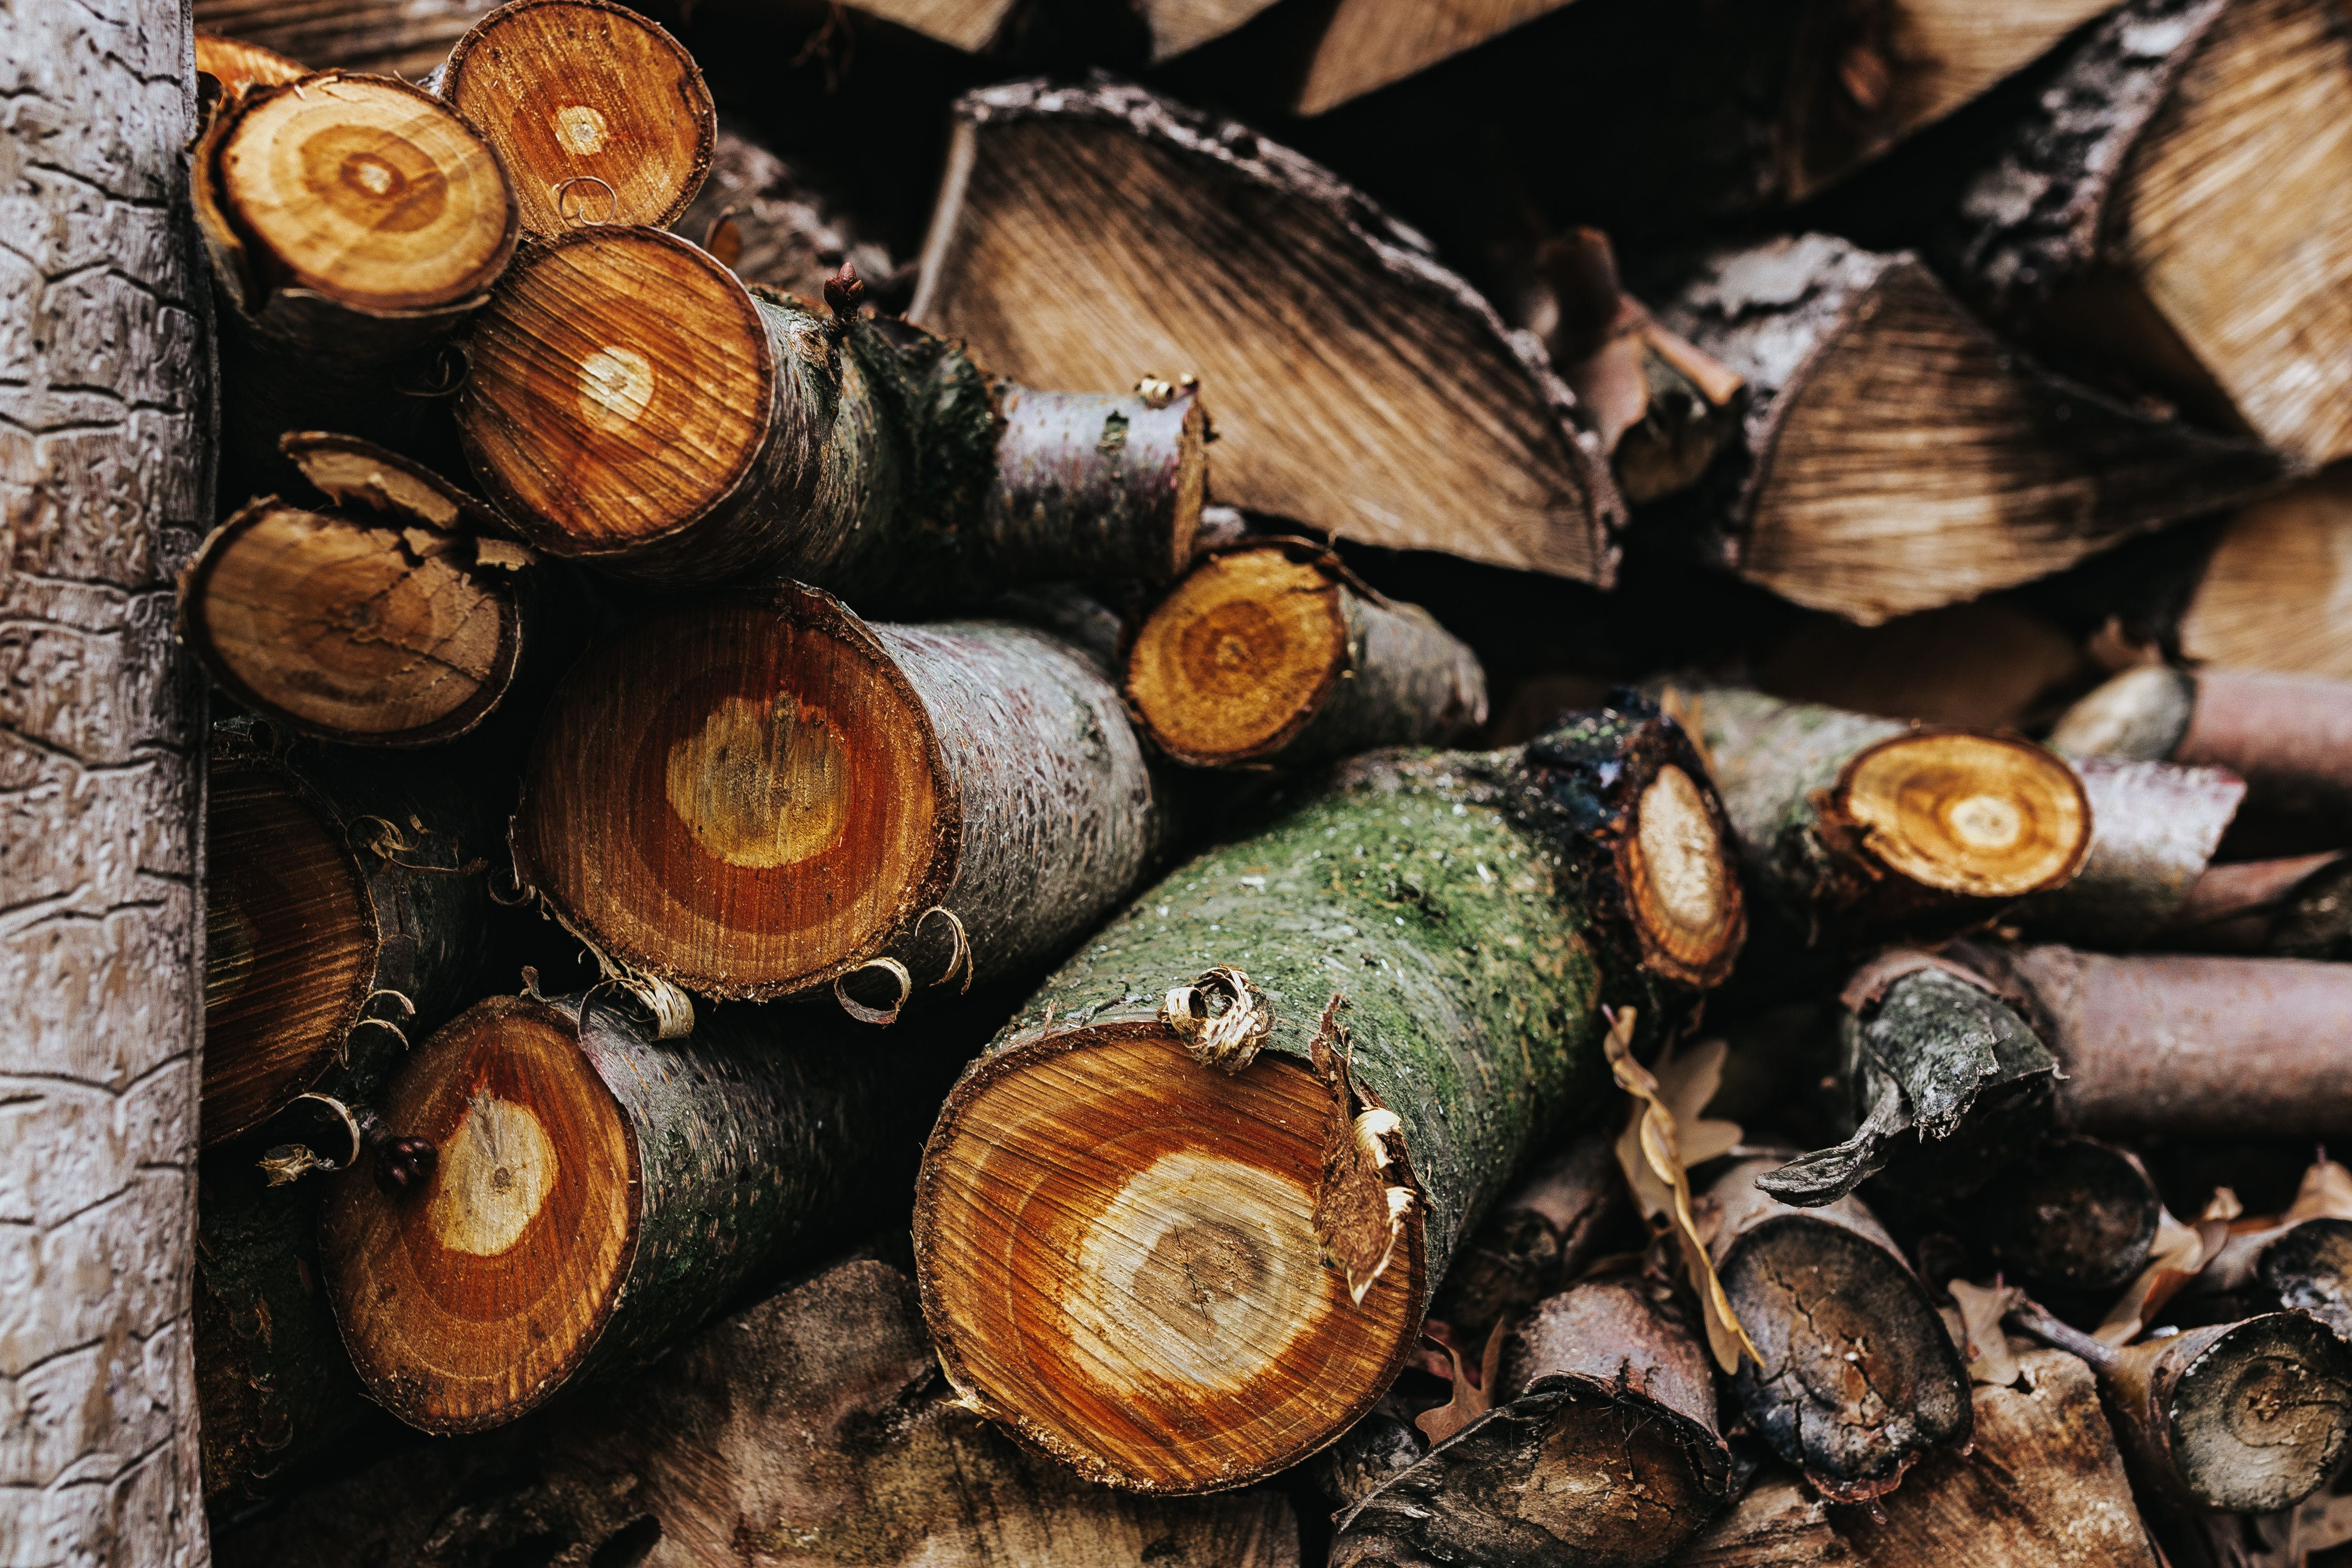 Gratis arkivbilde med bark, hakket, hugget ved, nærbilde